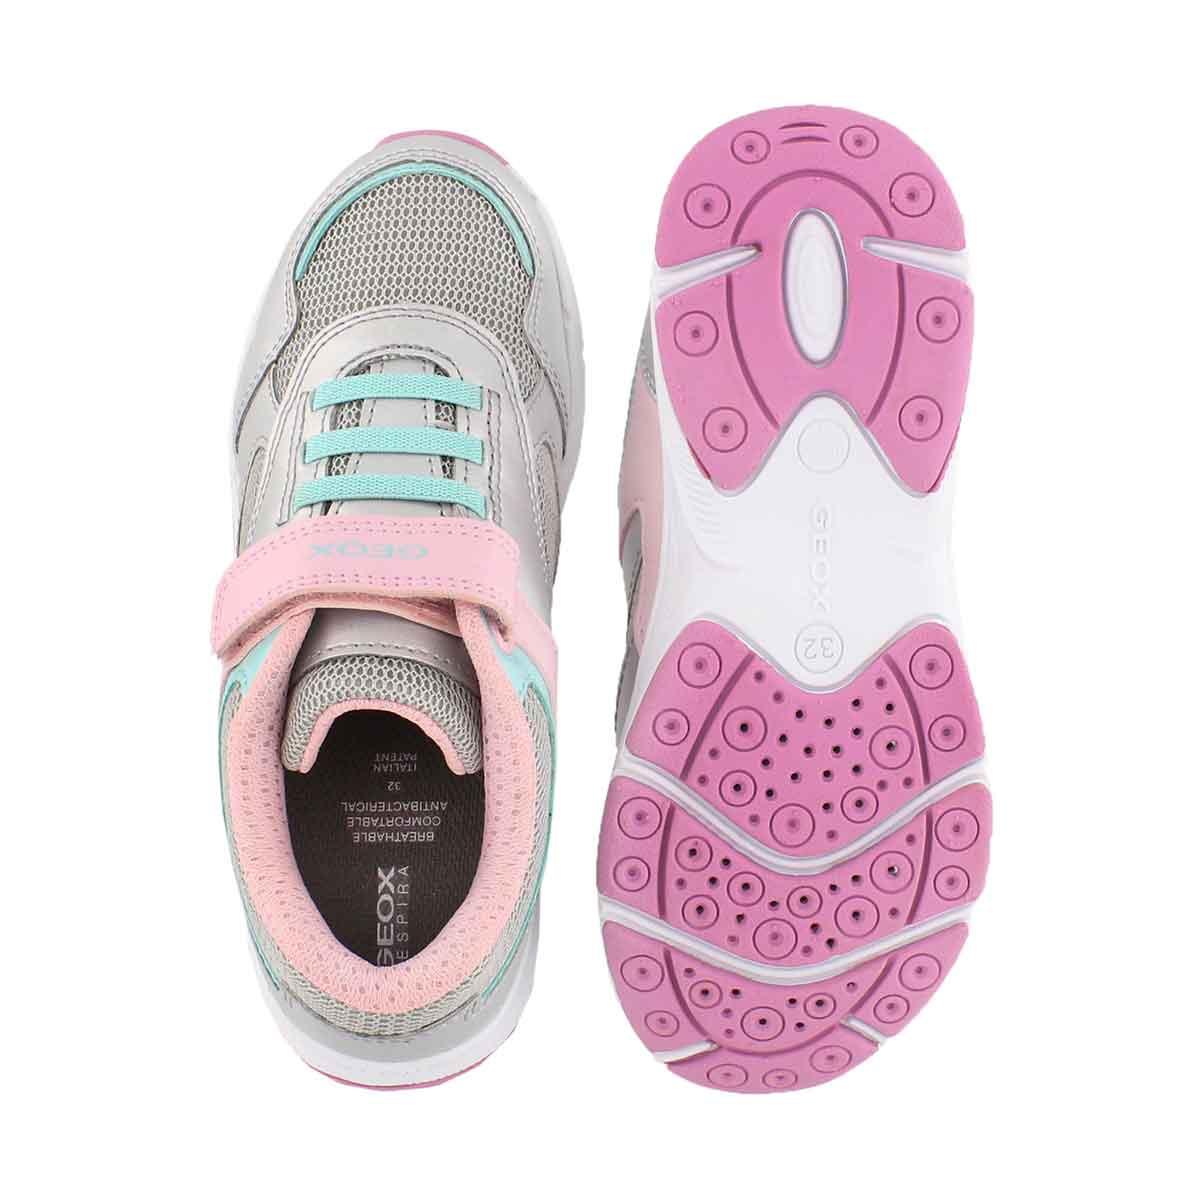 Grls J Hoshiko slvr/pnk sneaker